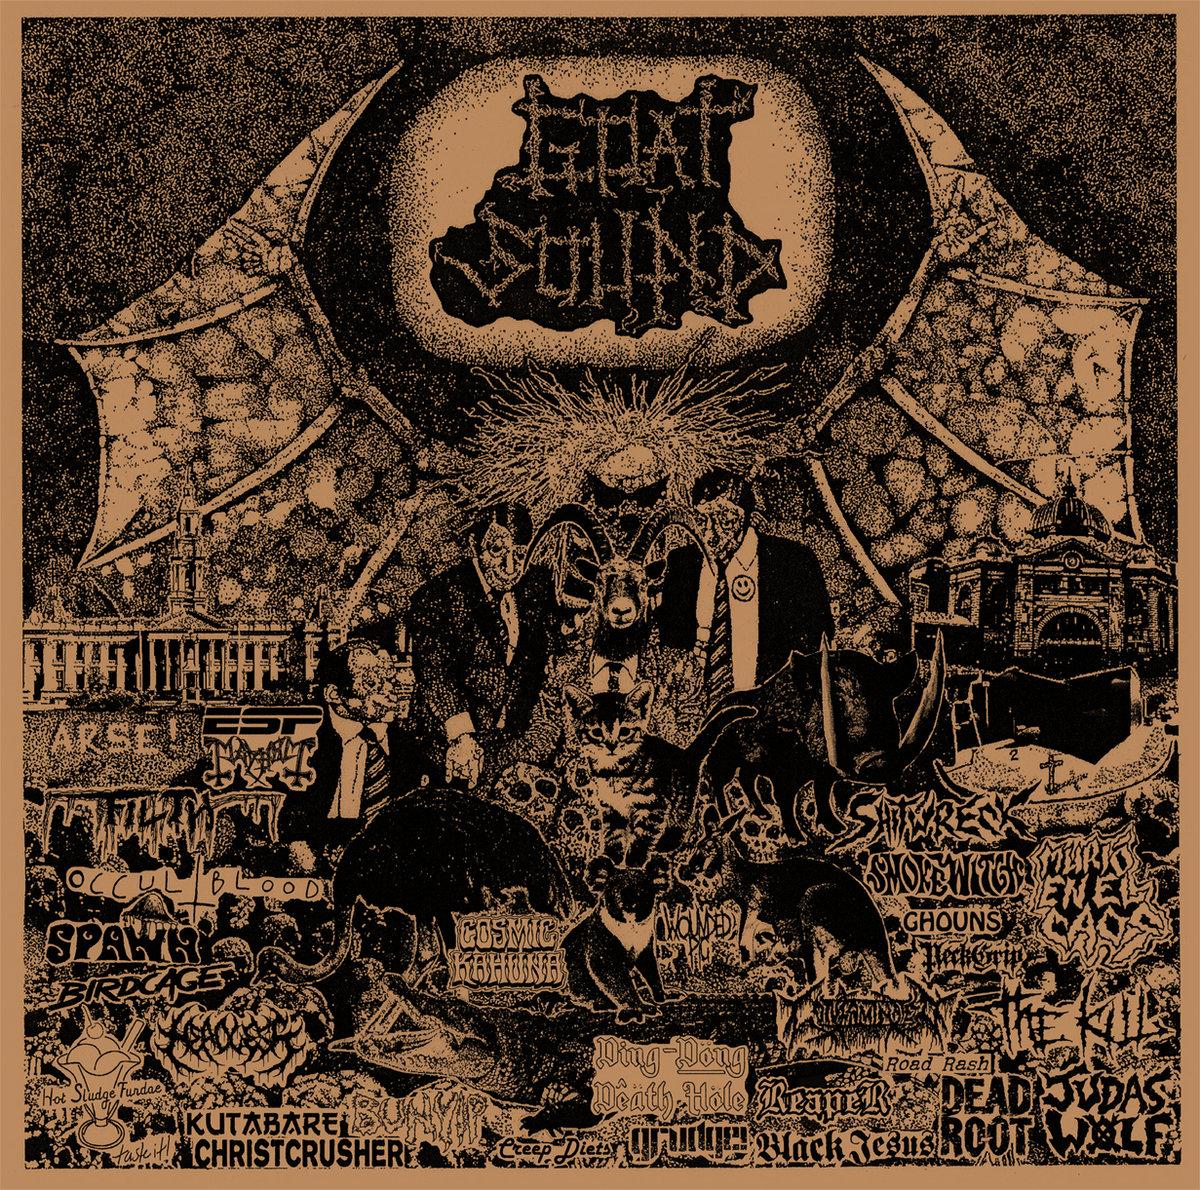 Goatsound Napalm Death Scum Reinterpretation Album Volume 3 New Beat Street Esp Black Solo About